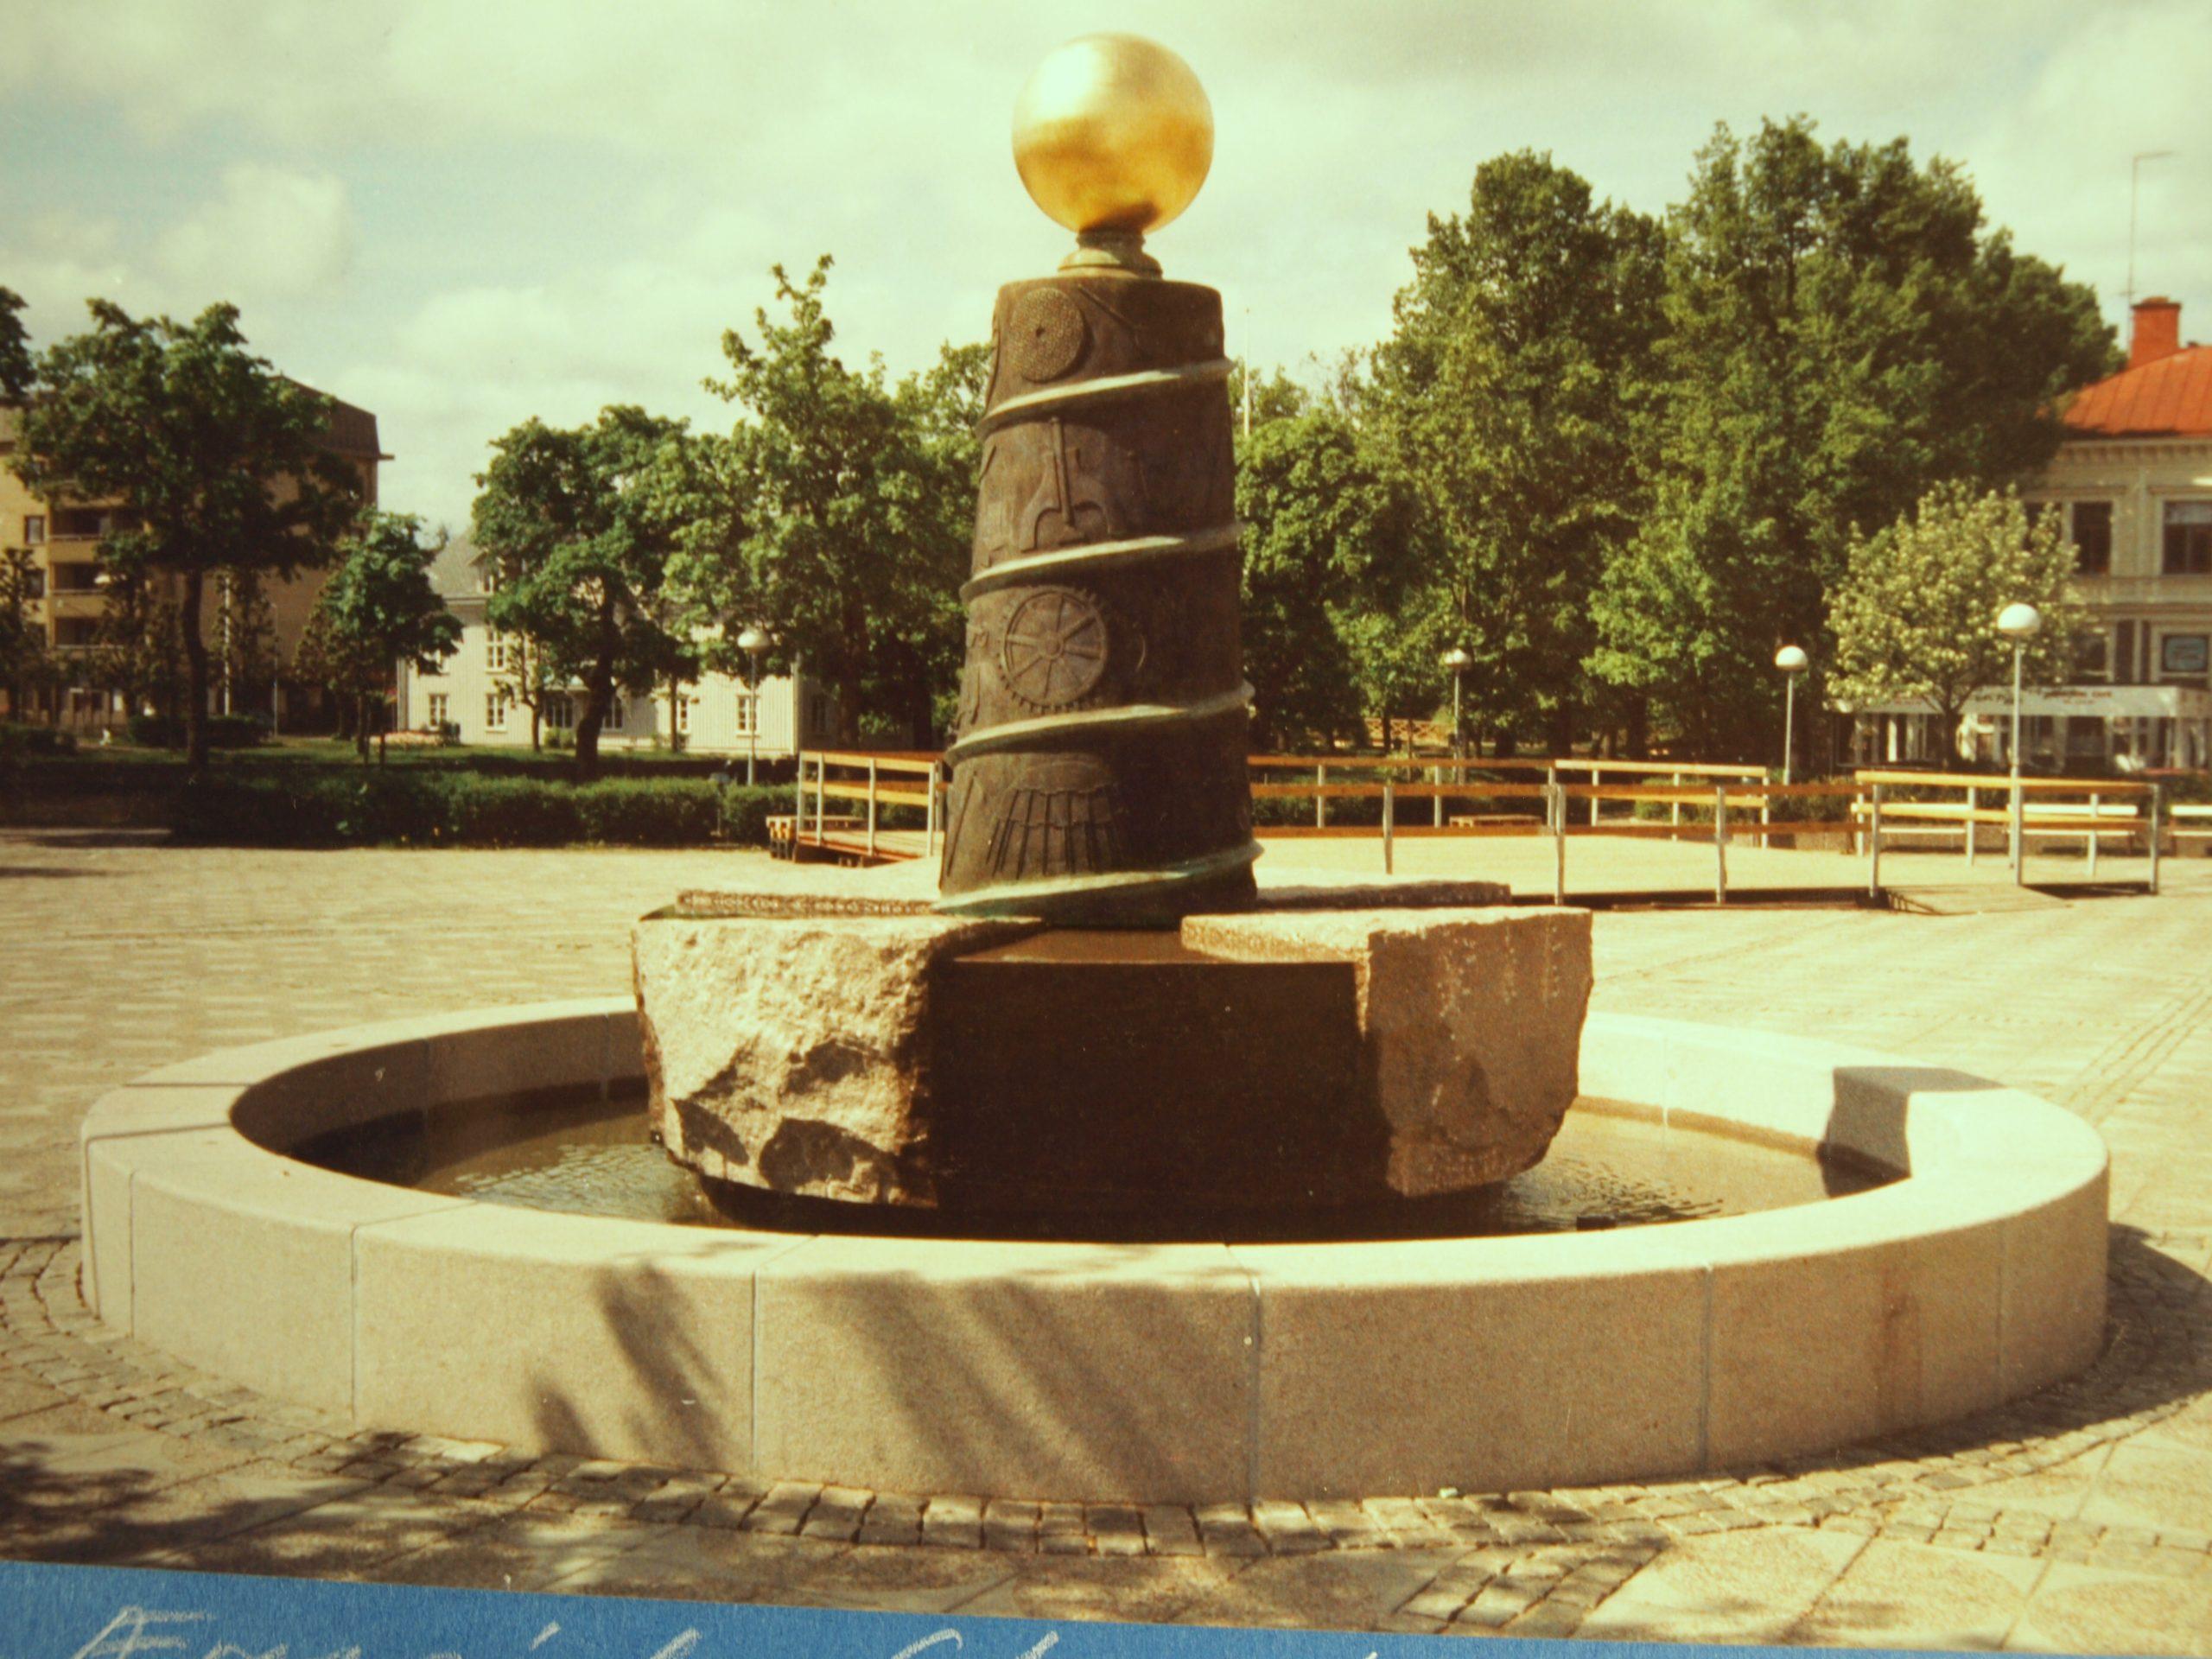 Til arbejdets ære. Torvet, Filipstad, Sverige. 1995